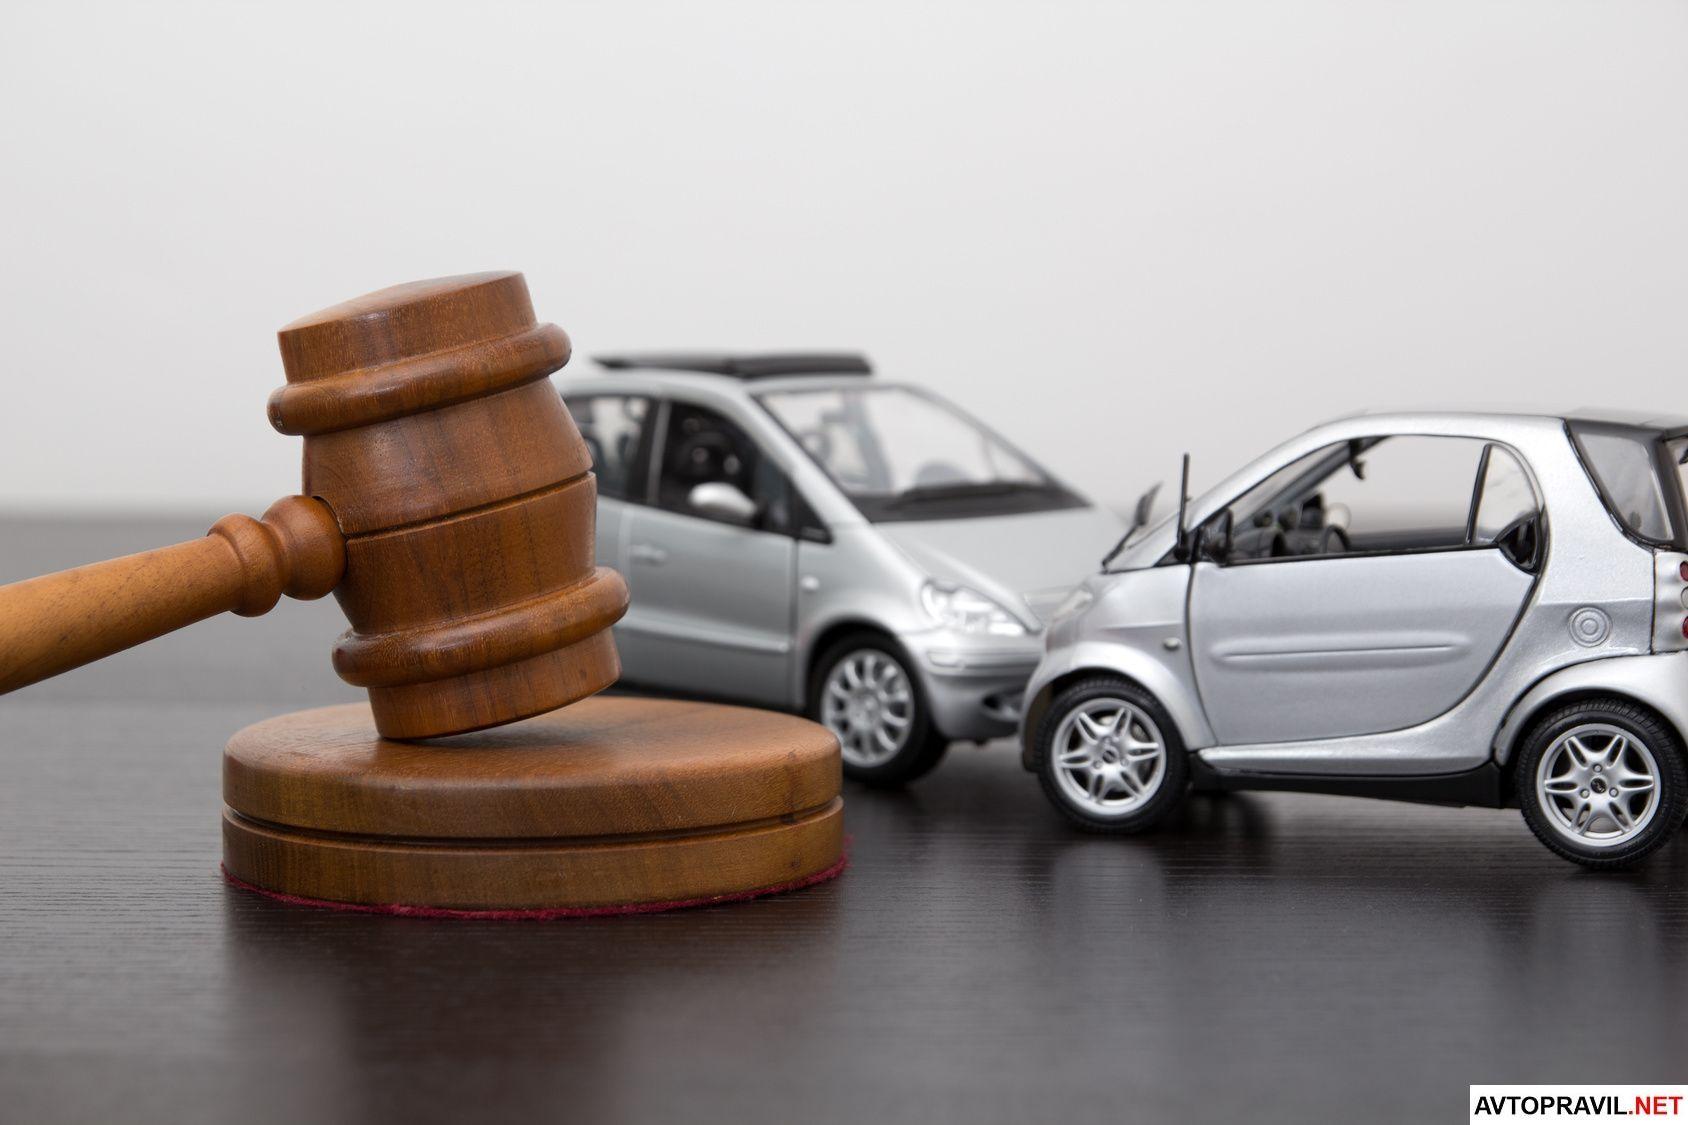 Судебный молоток и игрушечные модели двух автомобилей